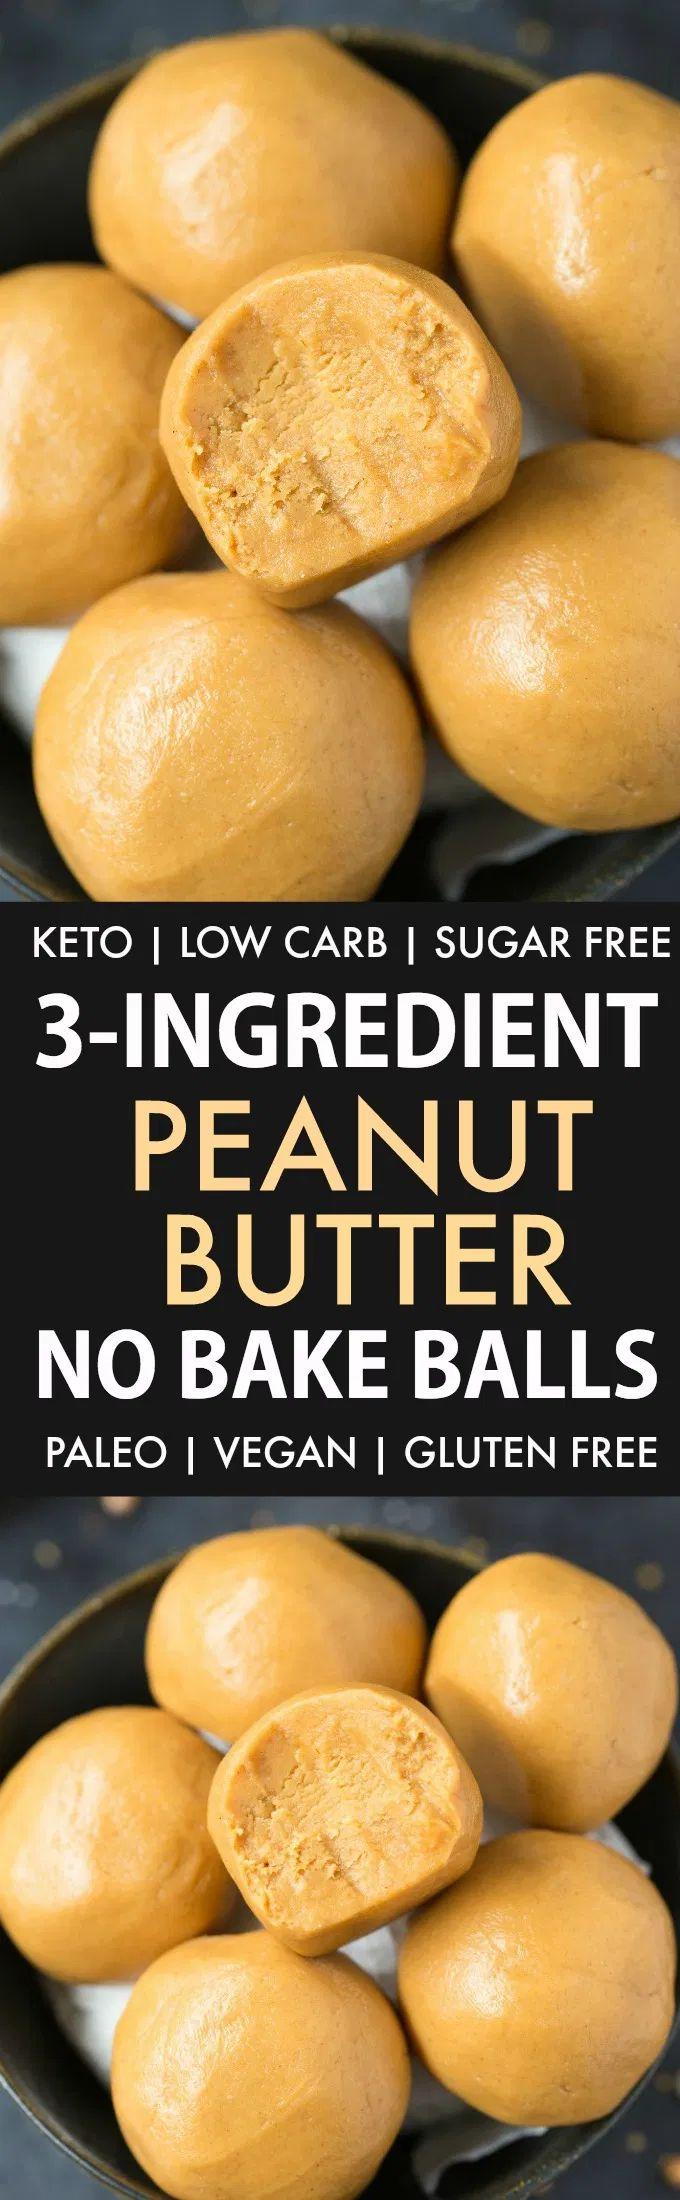 3 Ingredient No Bake Keto Peanut Butter Balls (Paleo, Vegan, Low Carb)